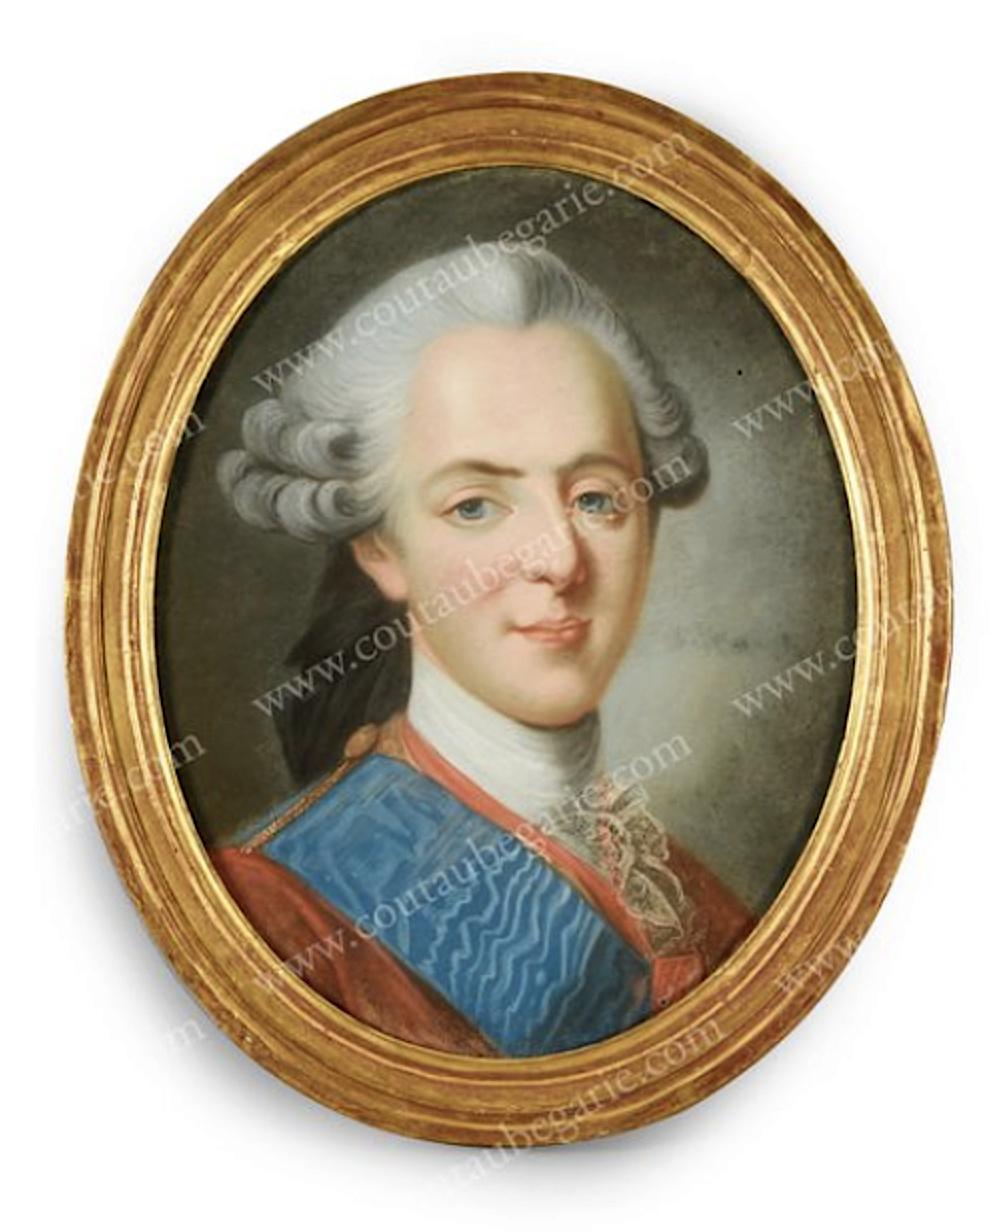 Portraits de Marie-Antoinette attribués aux Gautier Dagoty (ou d'après). - Page 2 Captu350